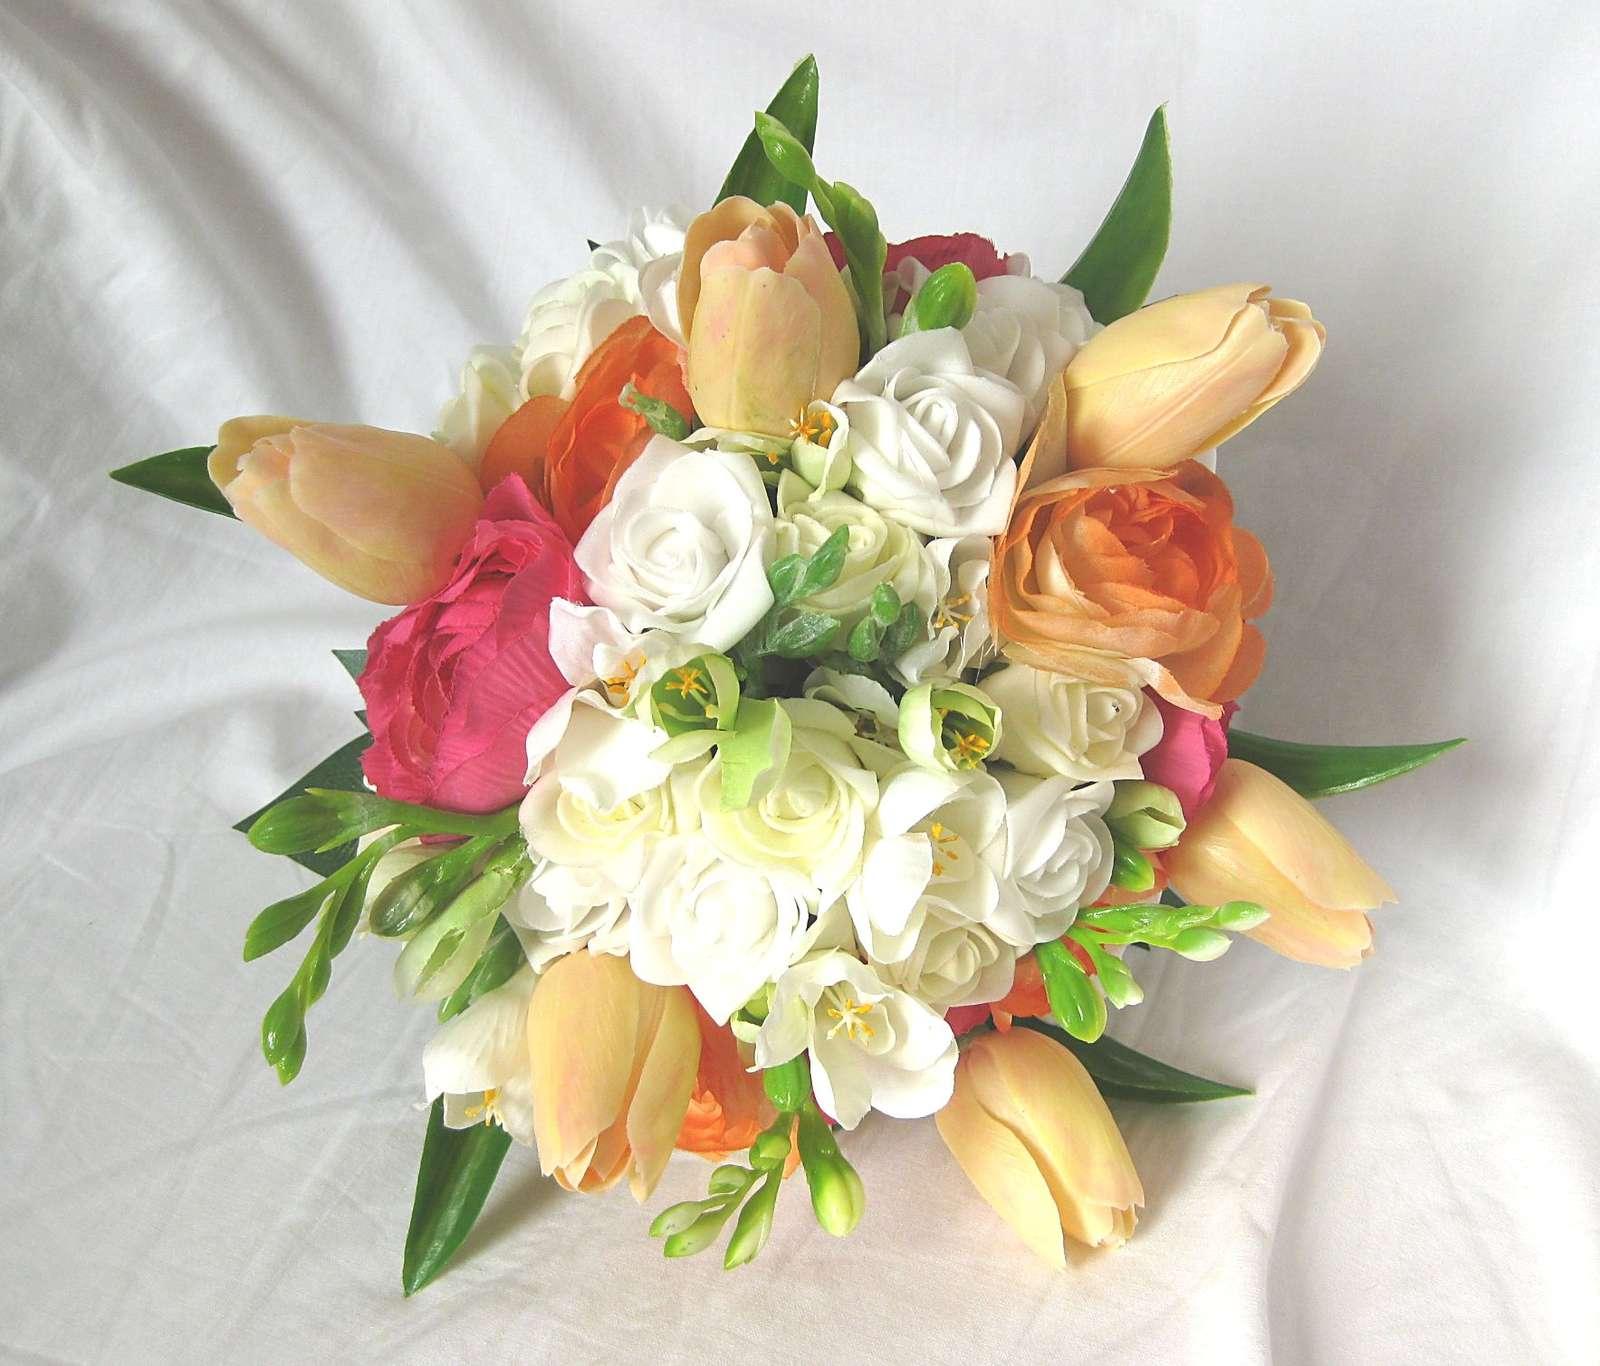 Svatební kytice - tulipán, ranunculus, frézie - Obrázek č. 2